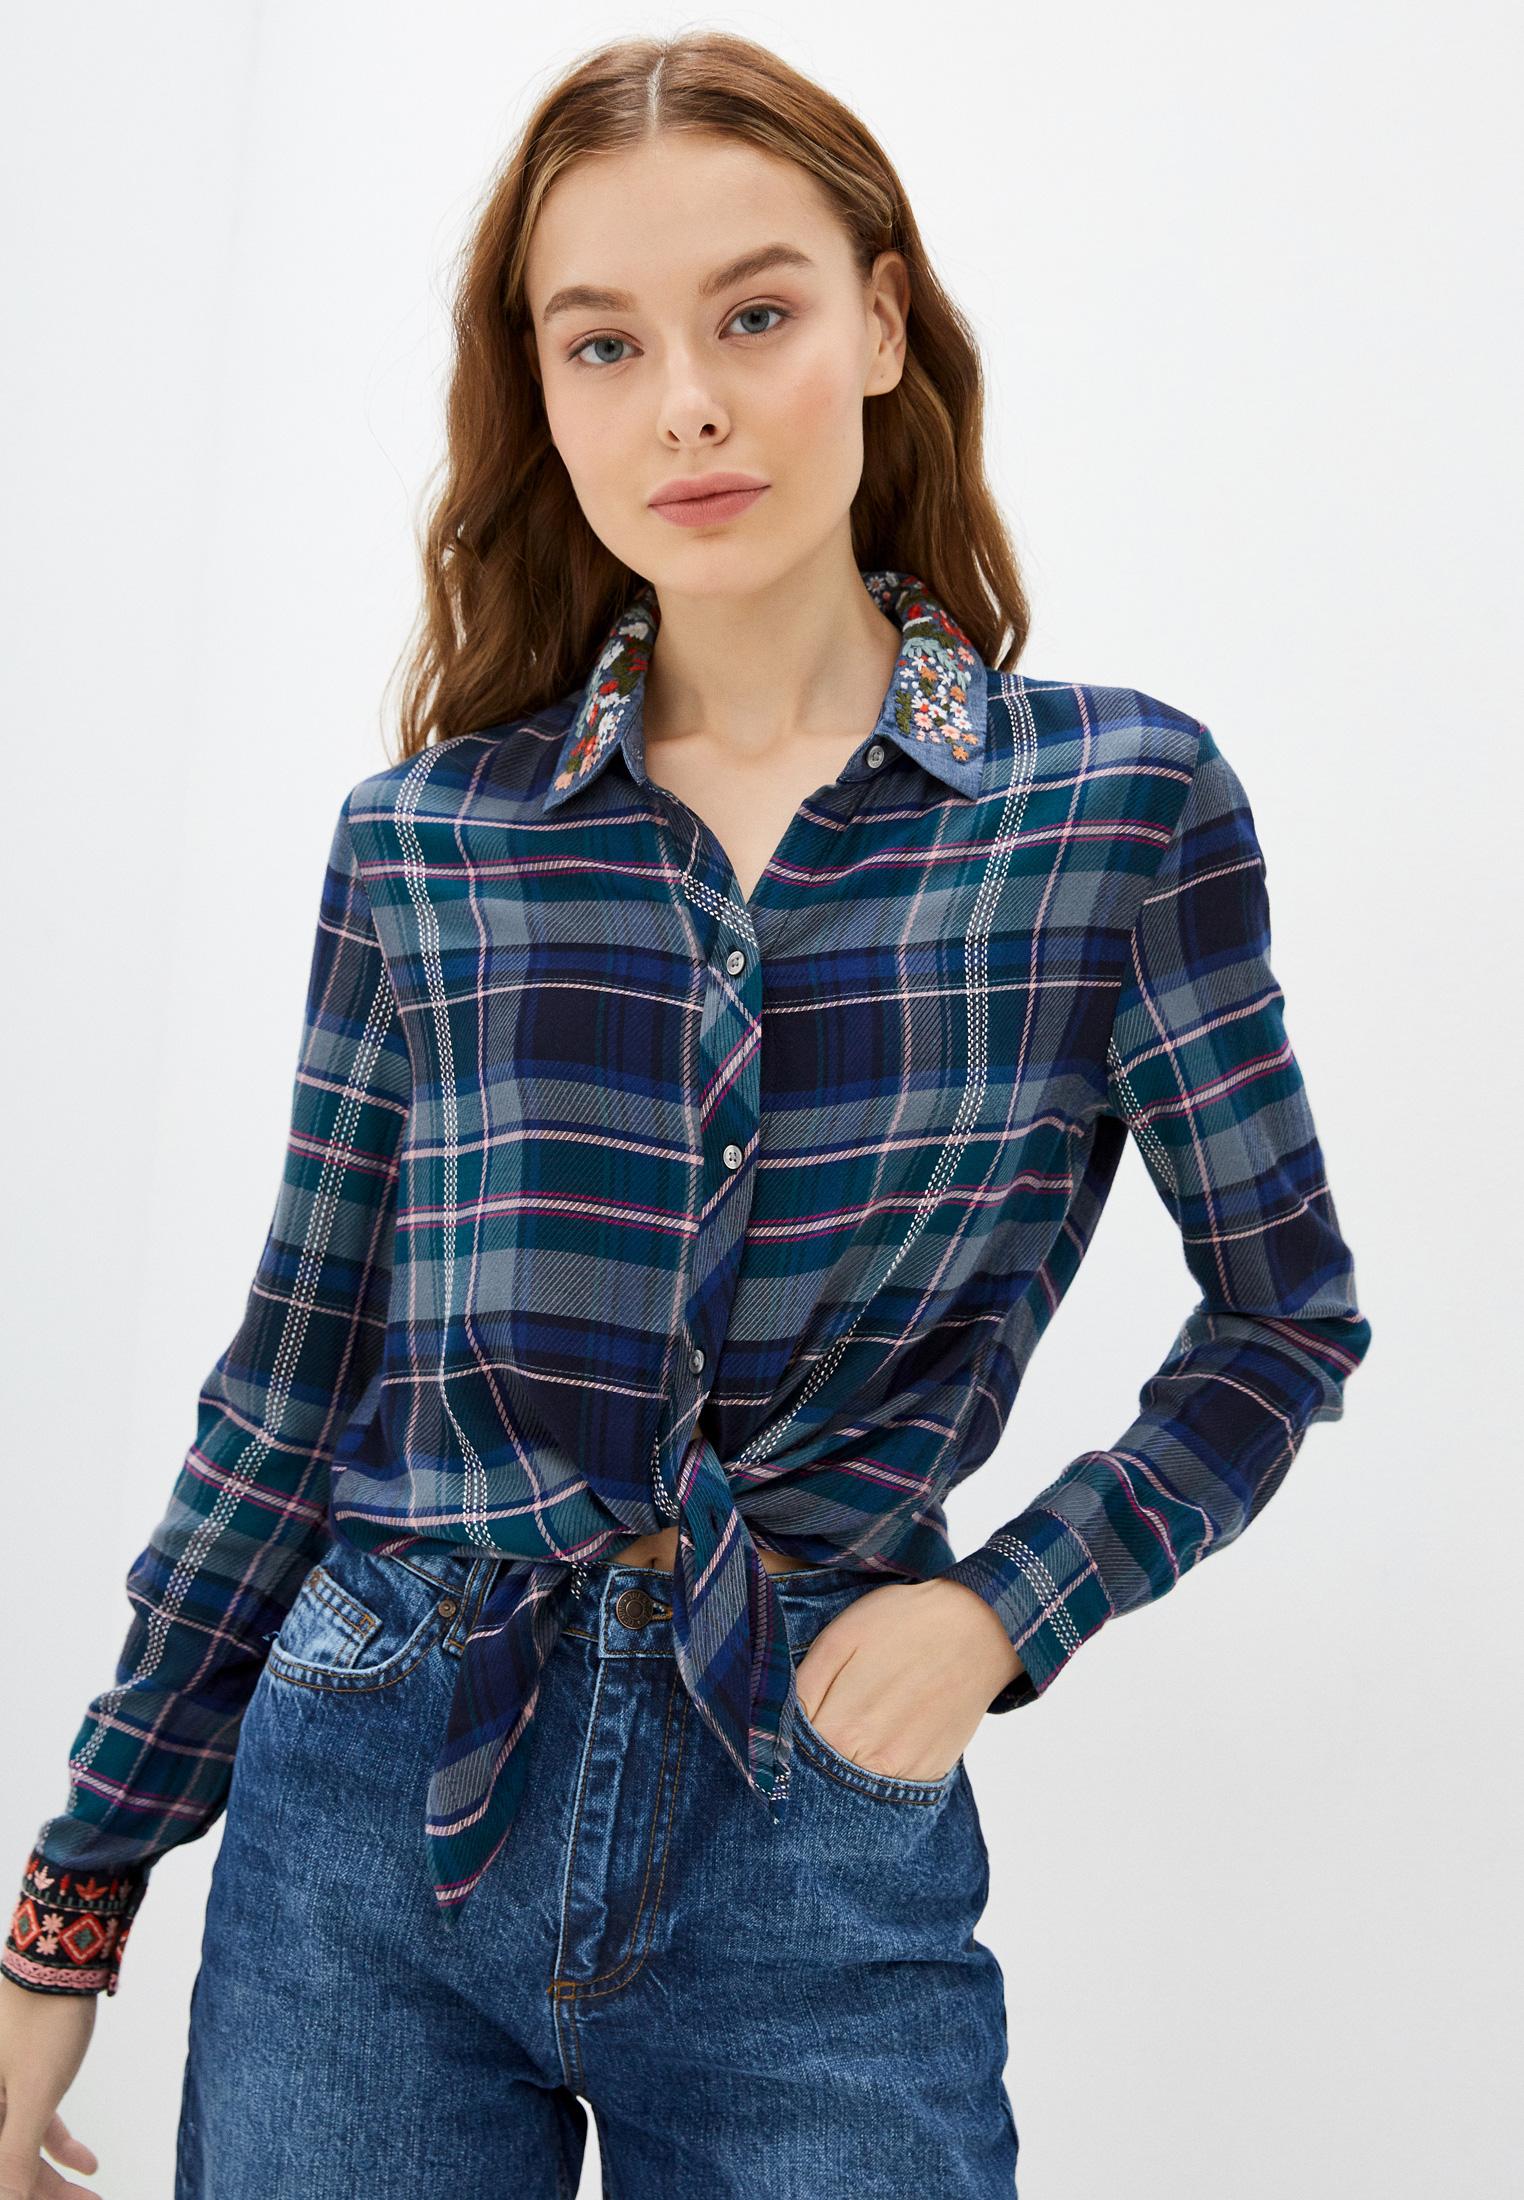 Женские рубашки с длинным рукавом Desigual (Дезигуаль) Рубашка Desigual